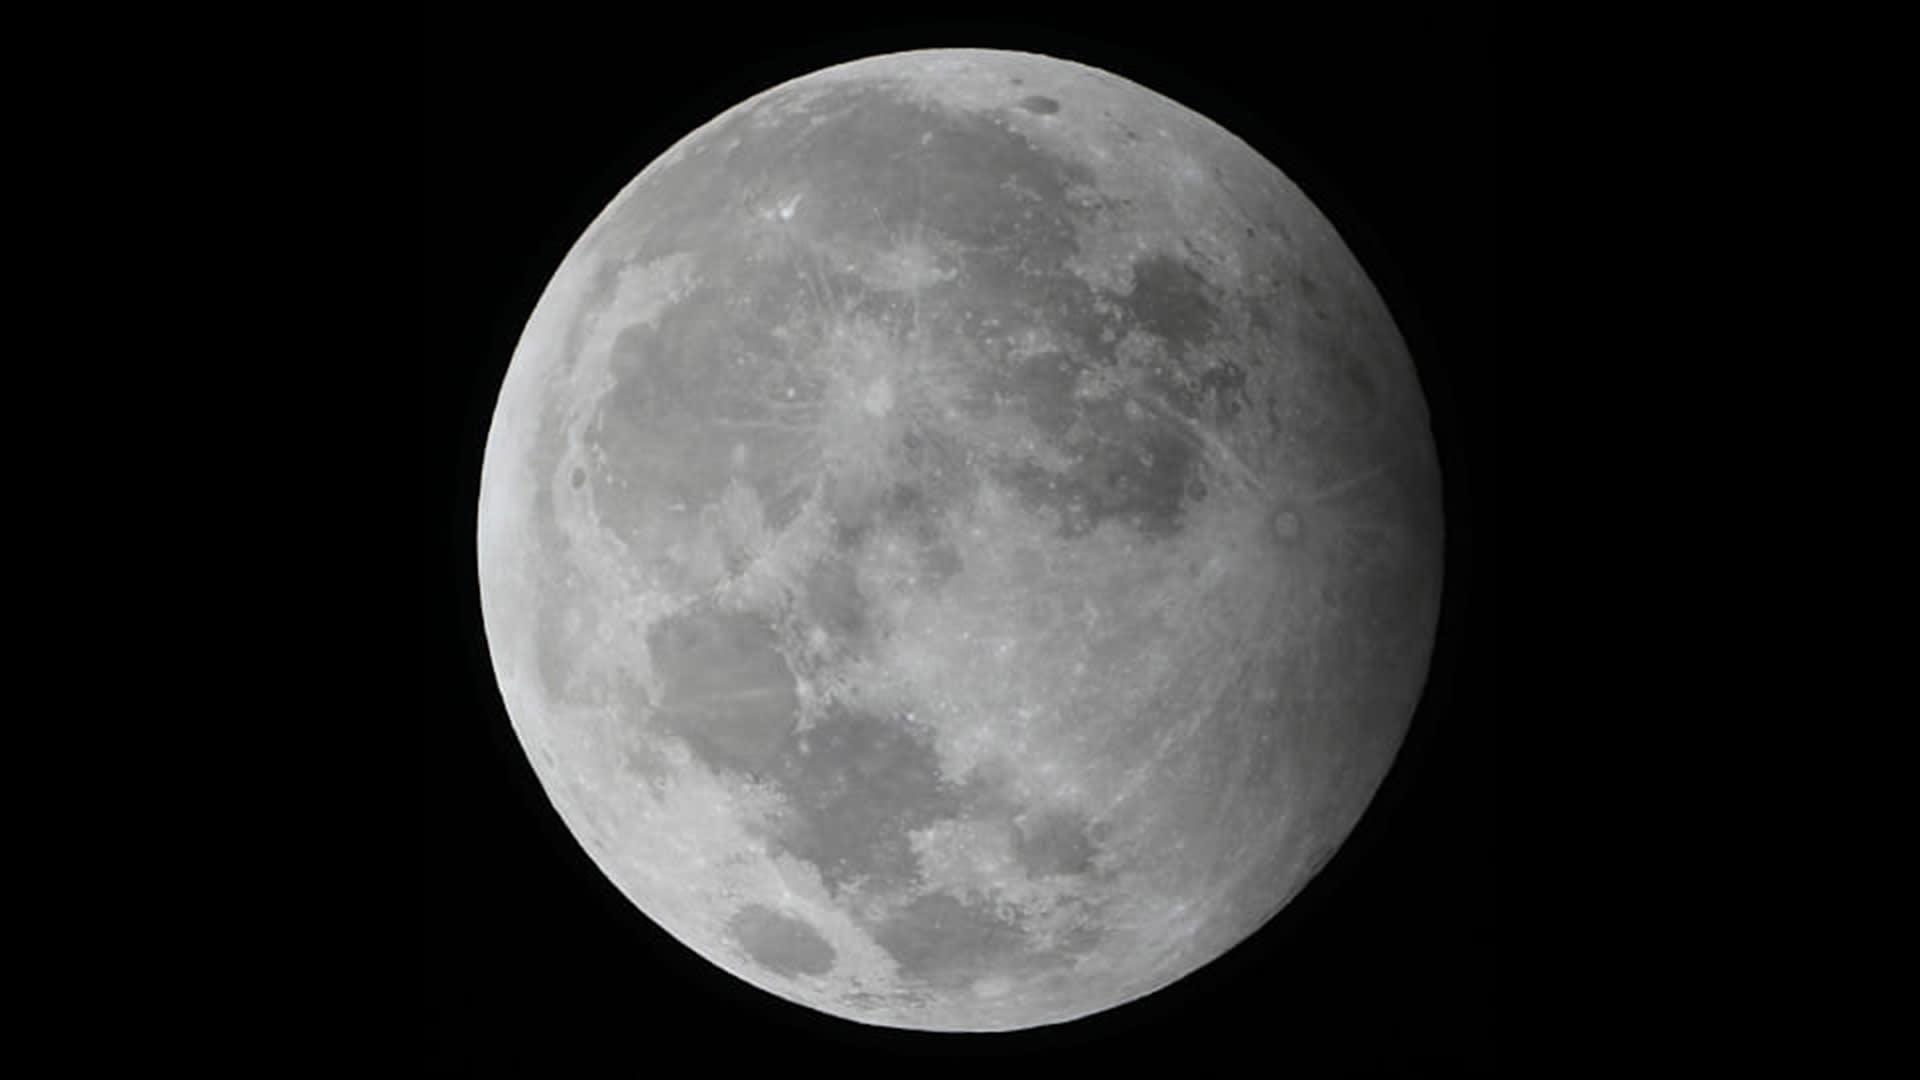 سماء السعودية والمنطقة العربية تشهد ظاهرة ثاني خسوف للقمر هذا العام